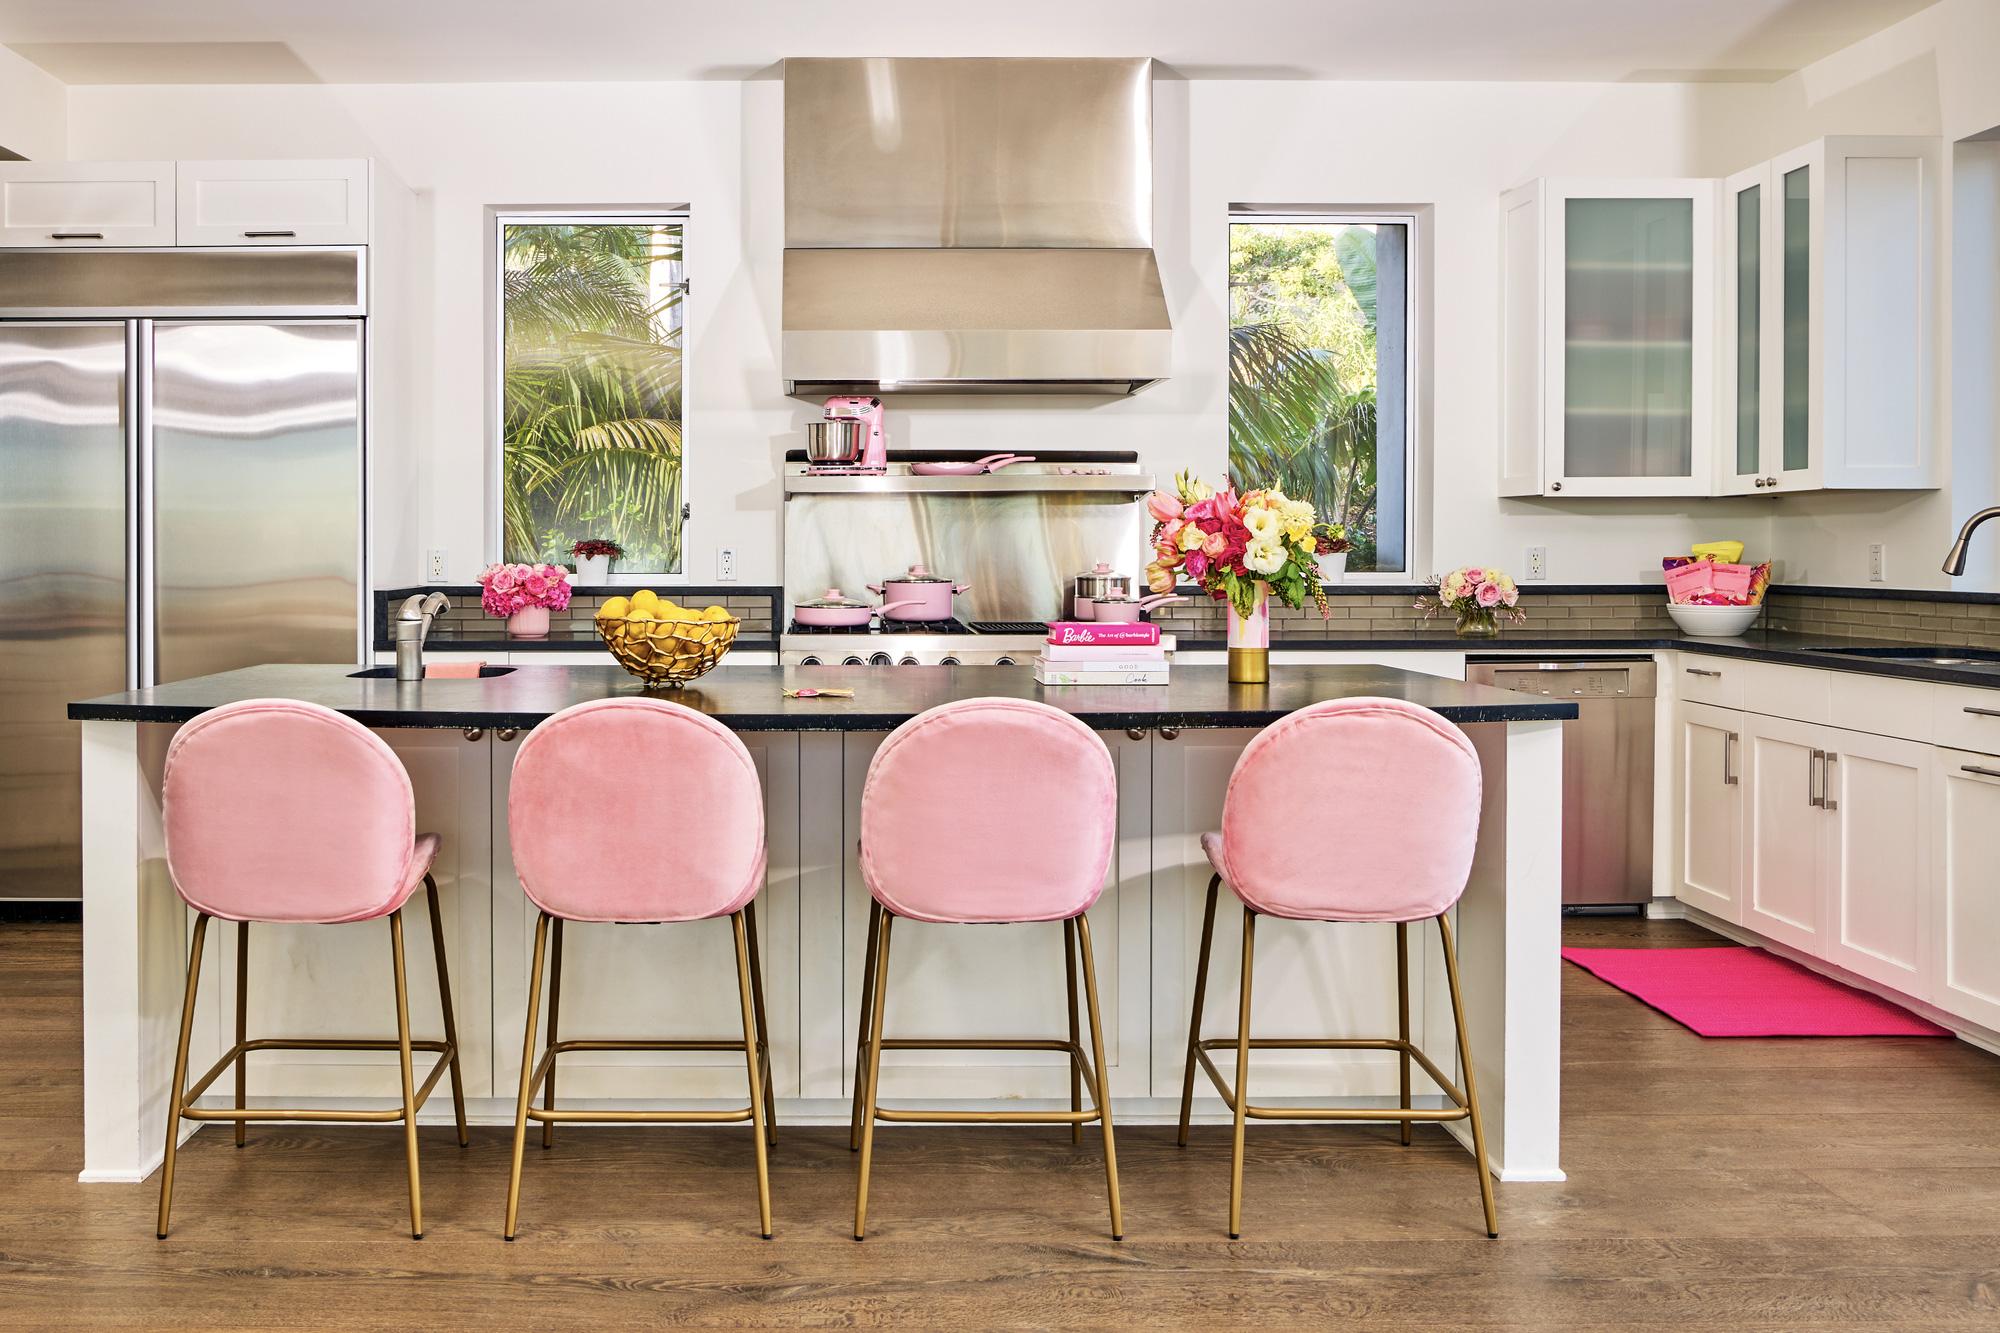 Ngôi nhà búp bê Barbie phiên bản hàng thật với giá 1,3 triệu/đêm, các cô gái nhanh tay xách vali lên nào - Ảnh 7.